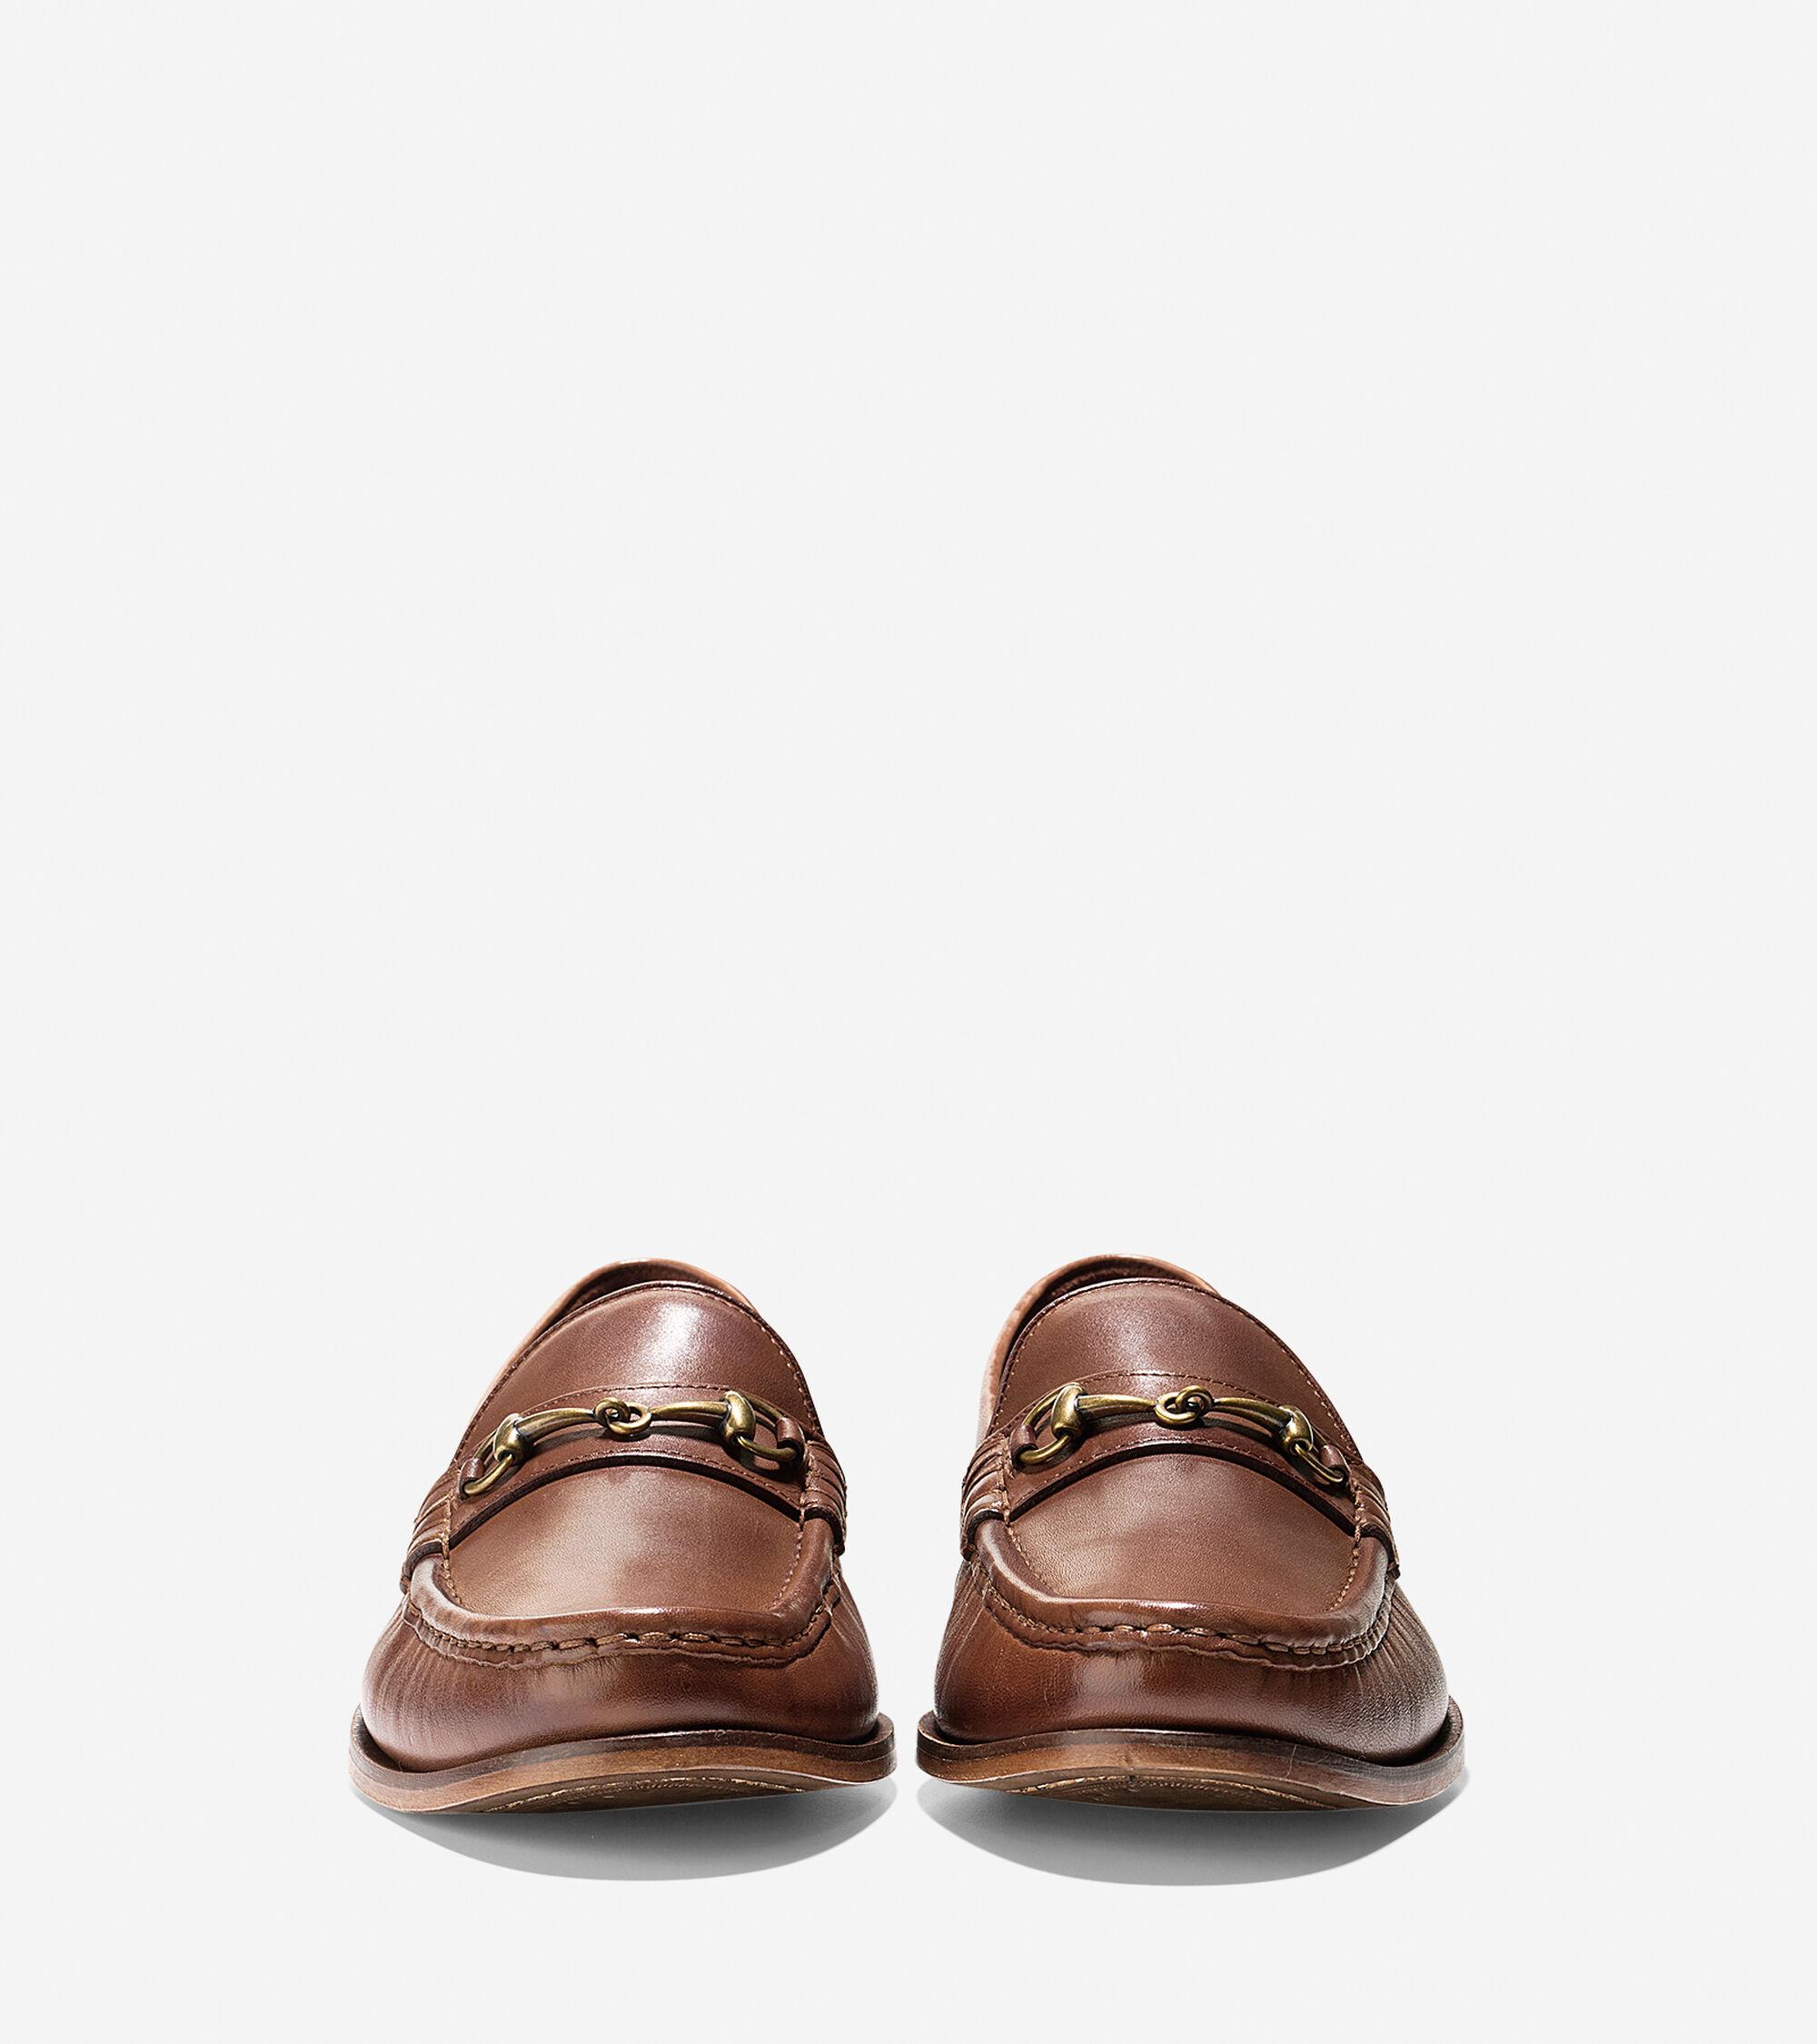 96b76d670e2 Mens Pinch Gotham Bit Loafers in British Tan